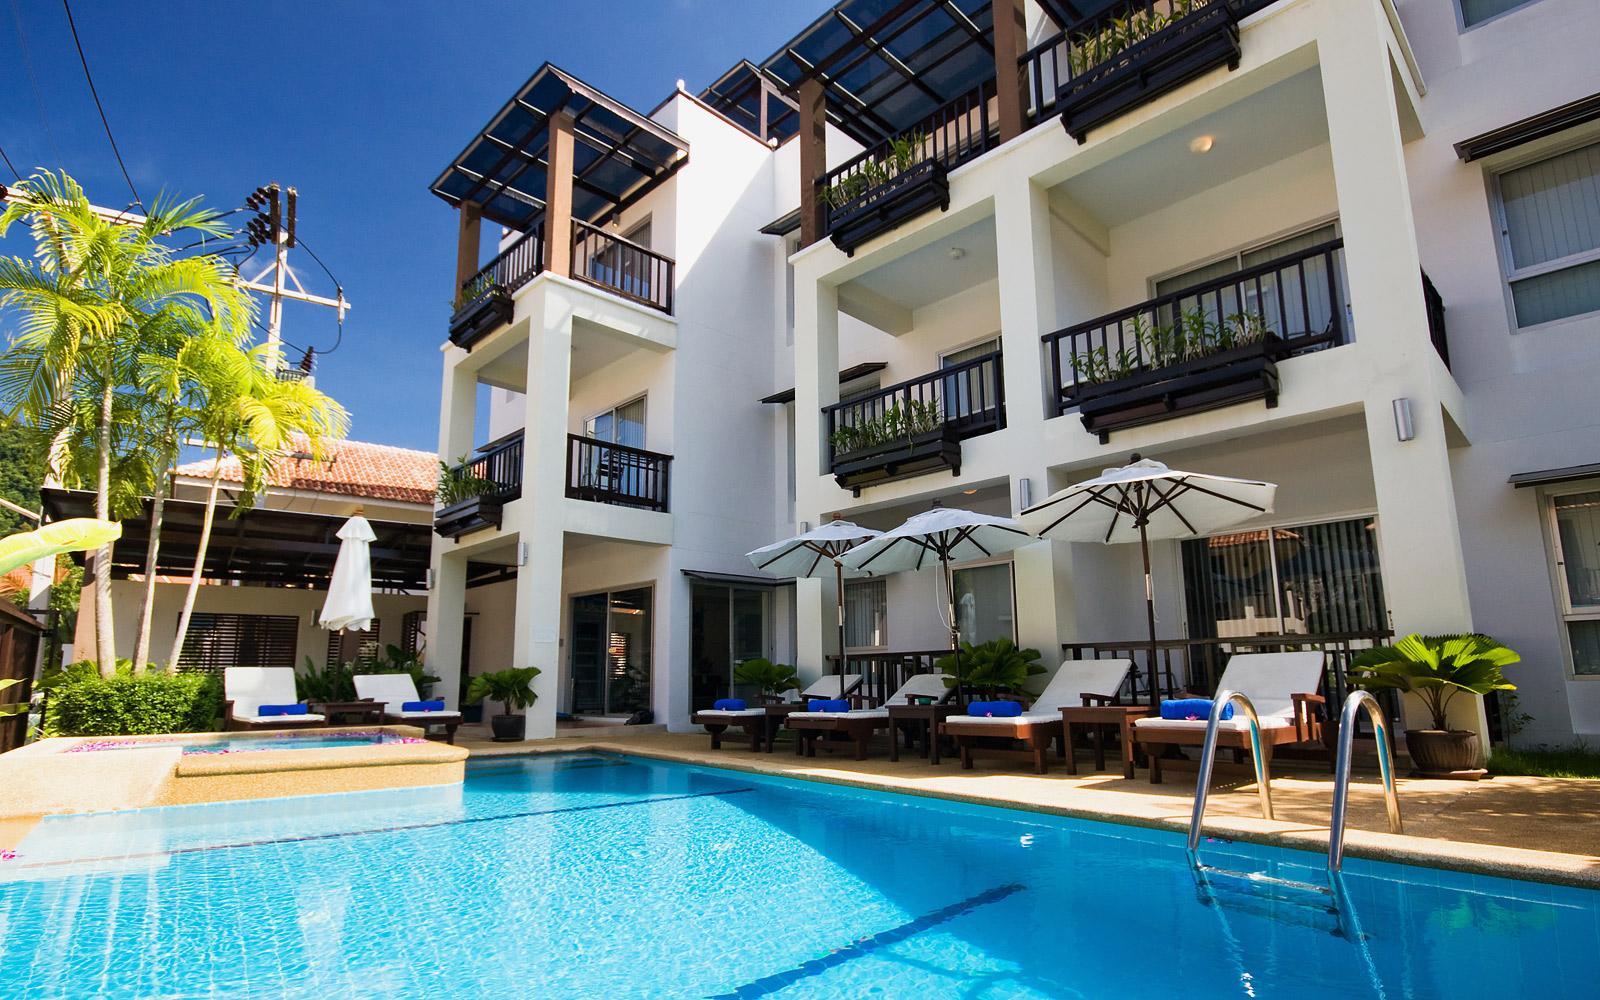 Booking En@krabi Apartment.com